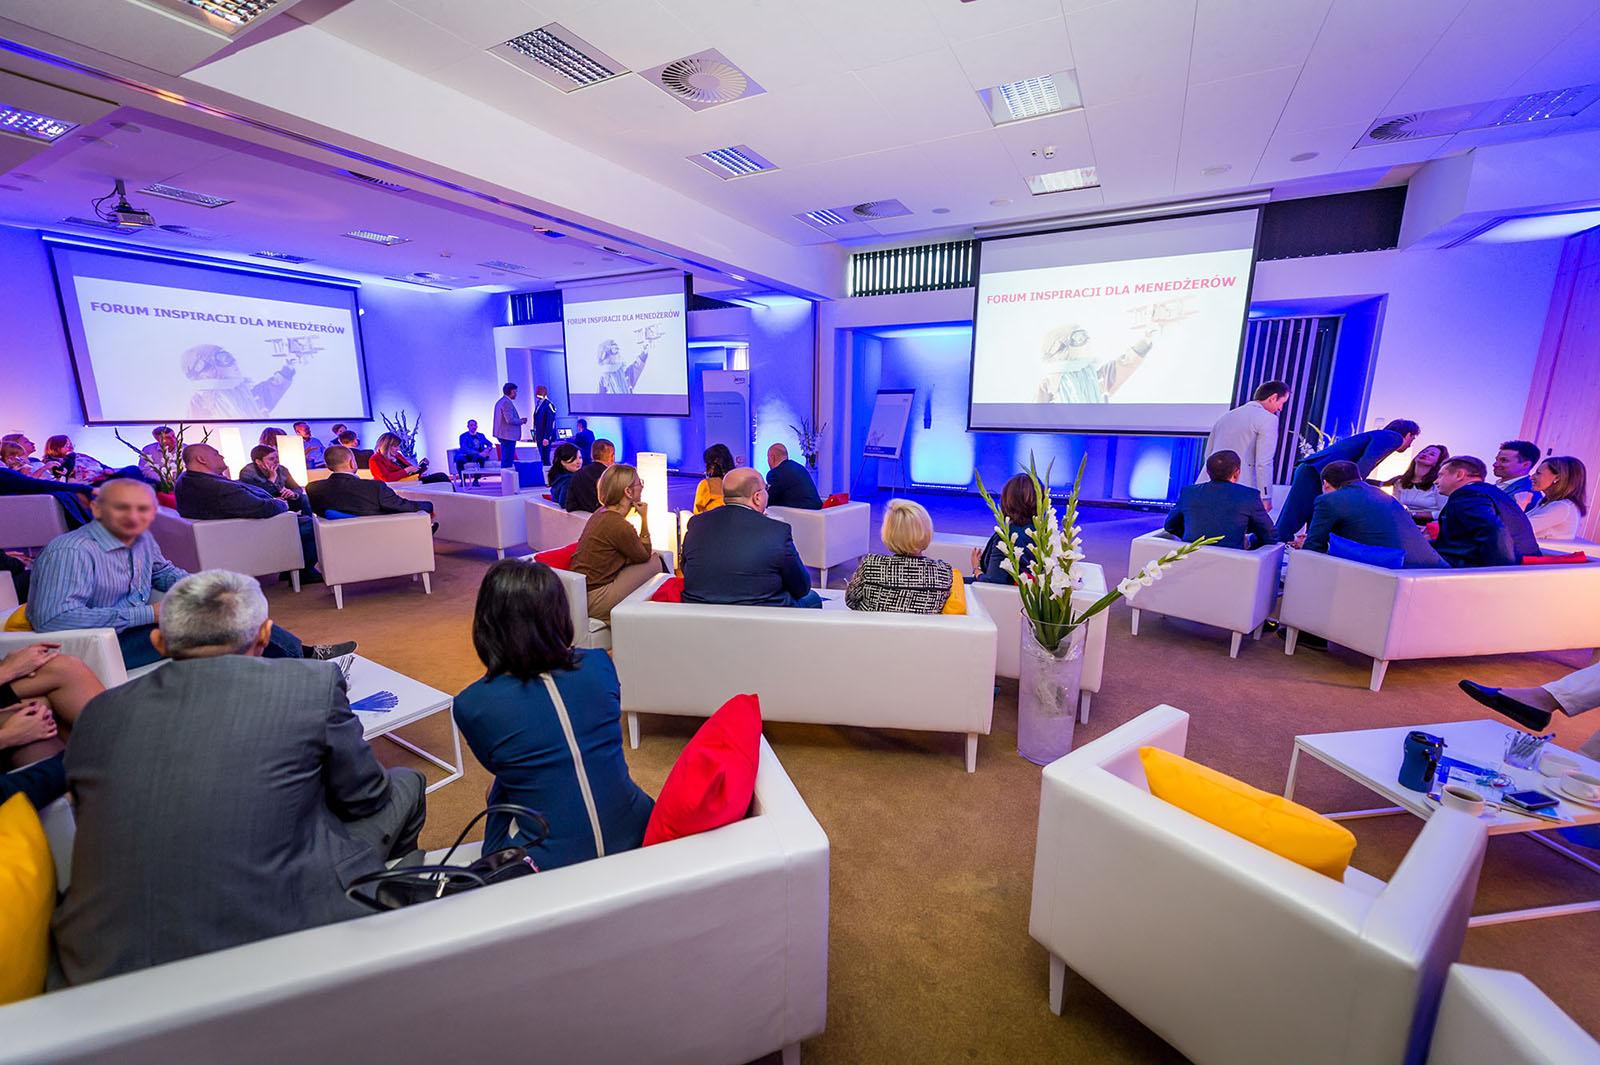 Organizacja forum inspiracji dla menedżerów - Relago